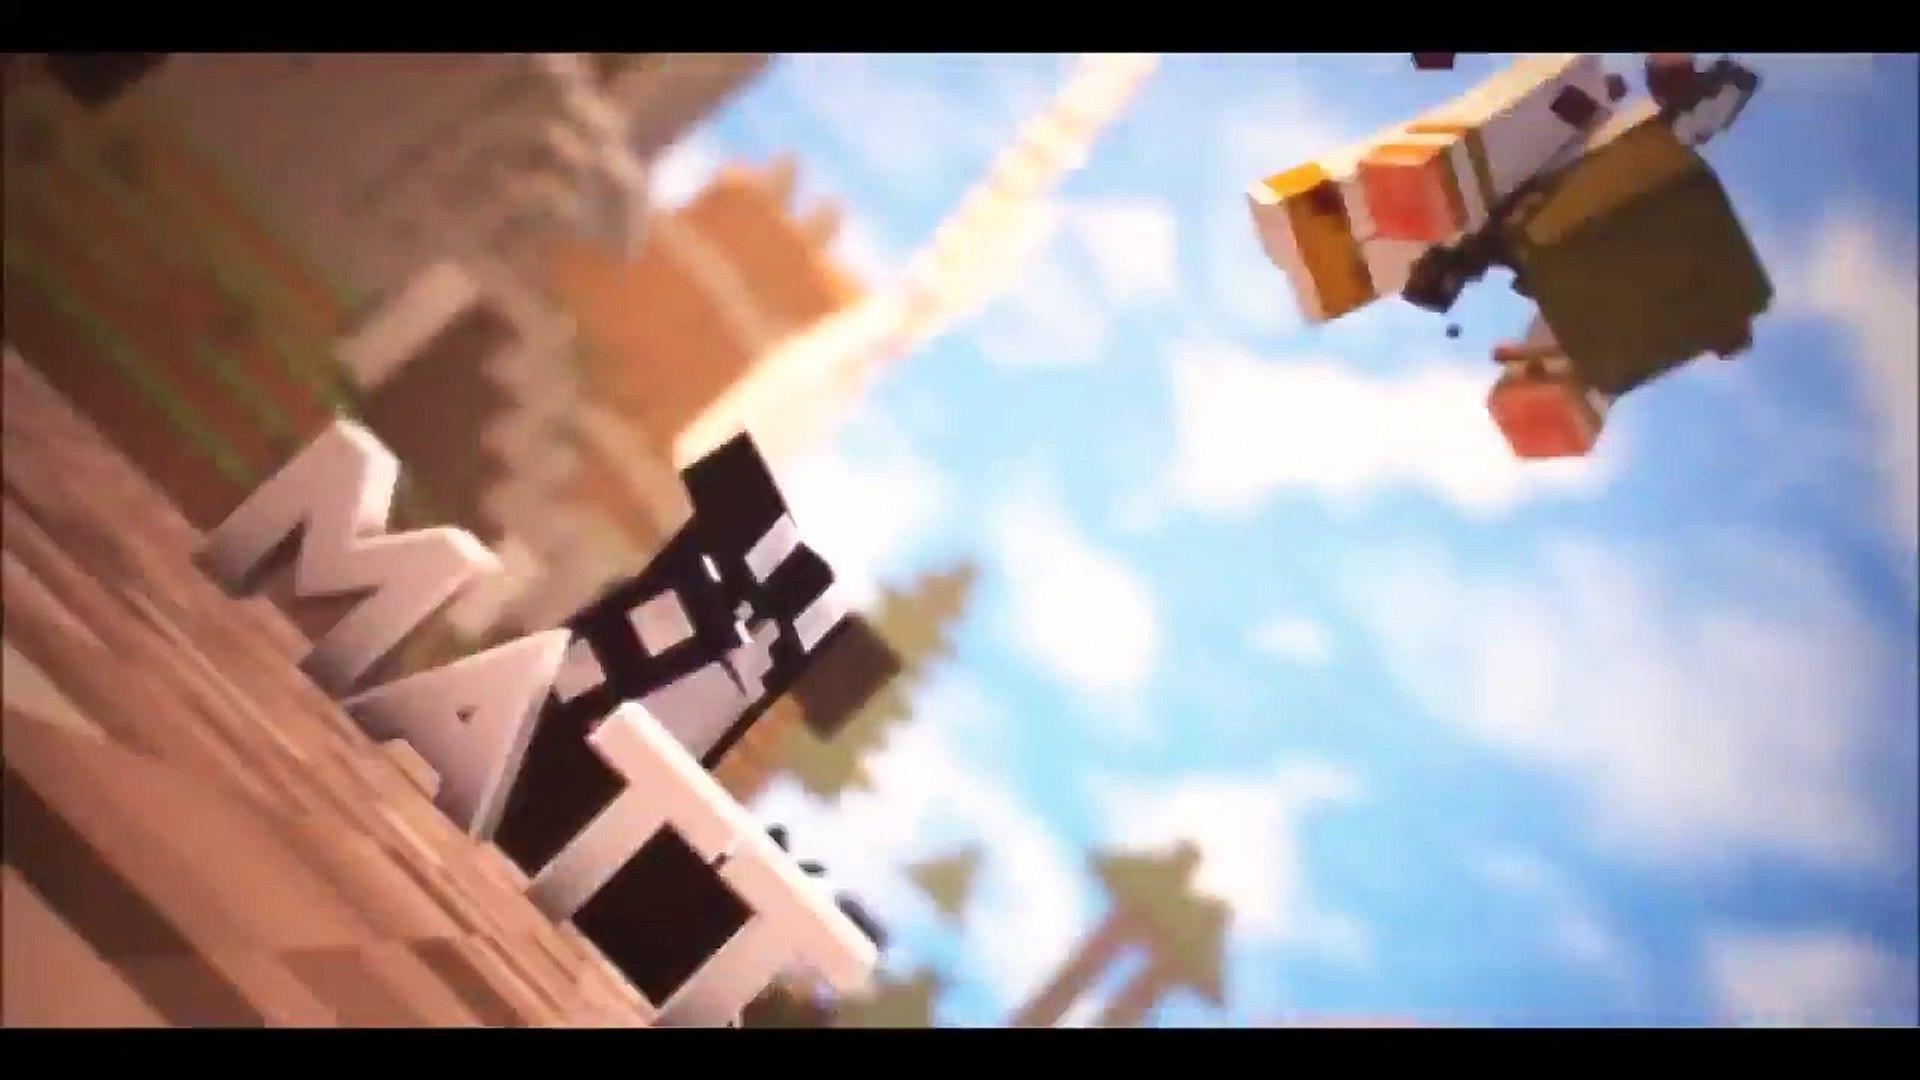 MEGA SPEED RUSH IN BEDWARS! | Minecraft Trash |HD/1080p60 | MaqruDZN